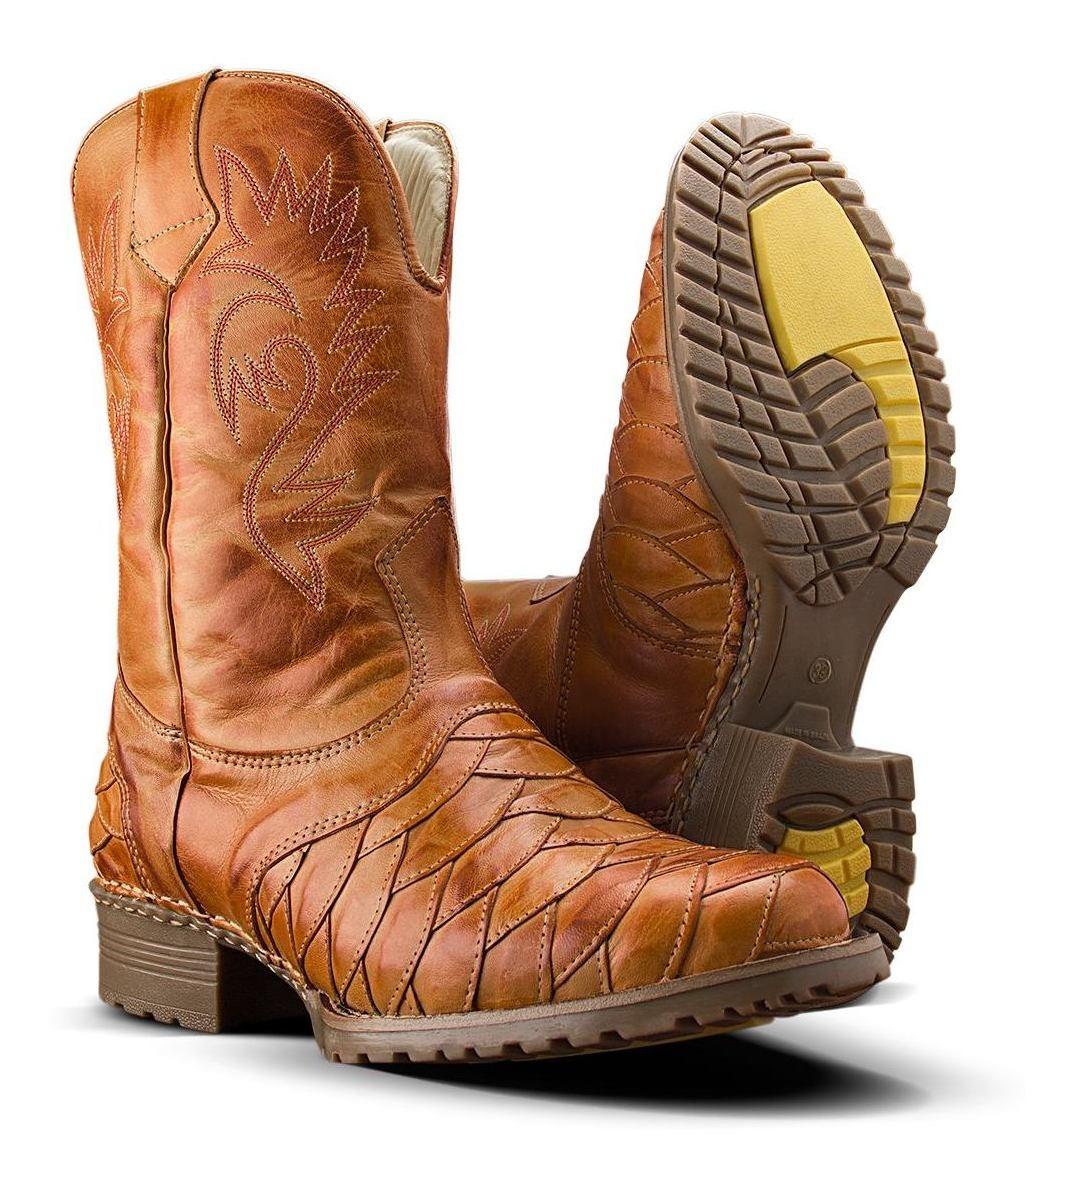 c81014c663 bota masculina botina texana escamada country couro legitimo. Carregando  zoom.